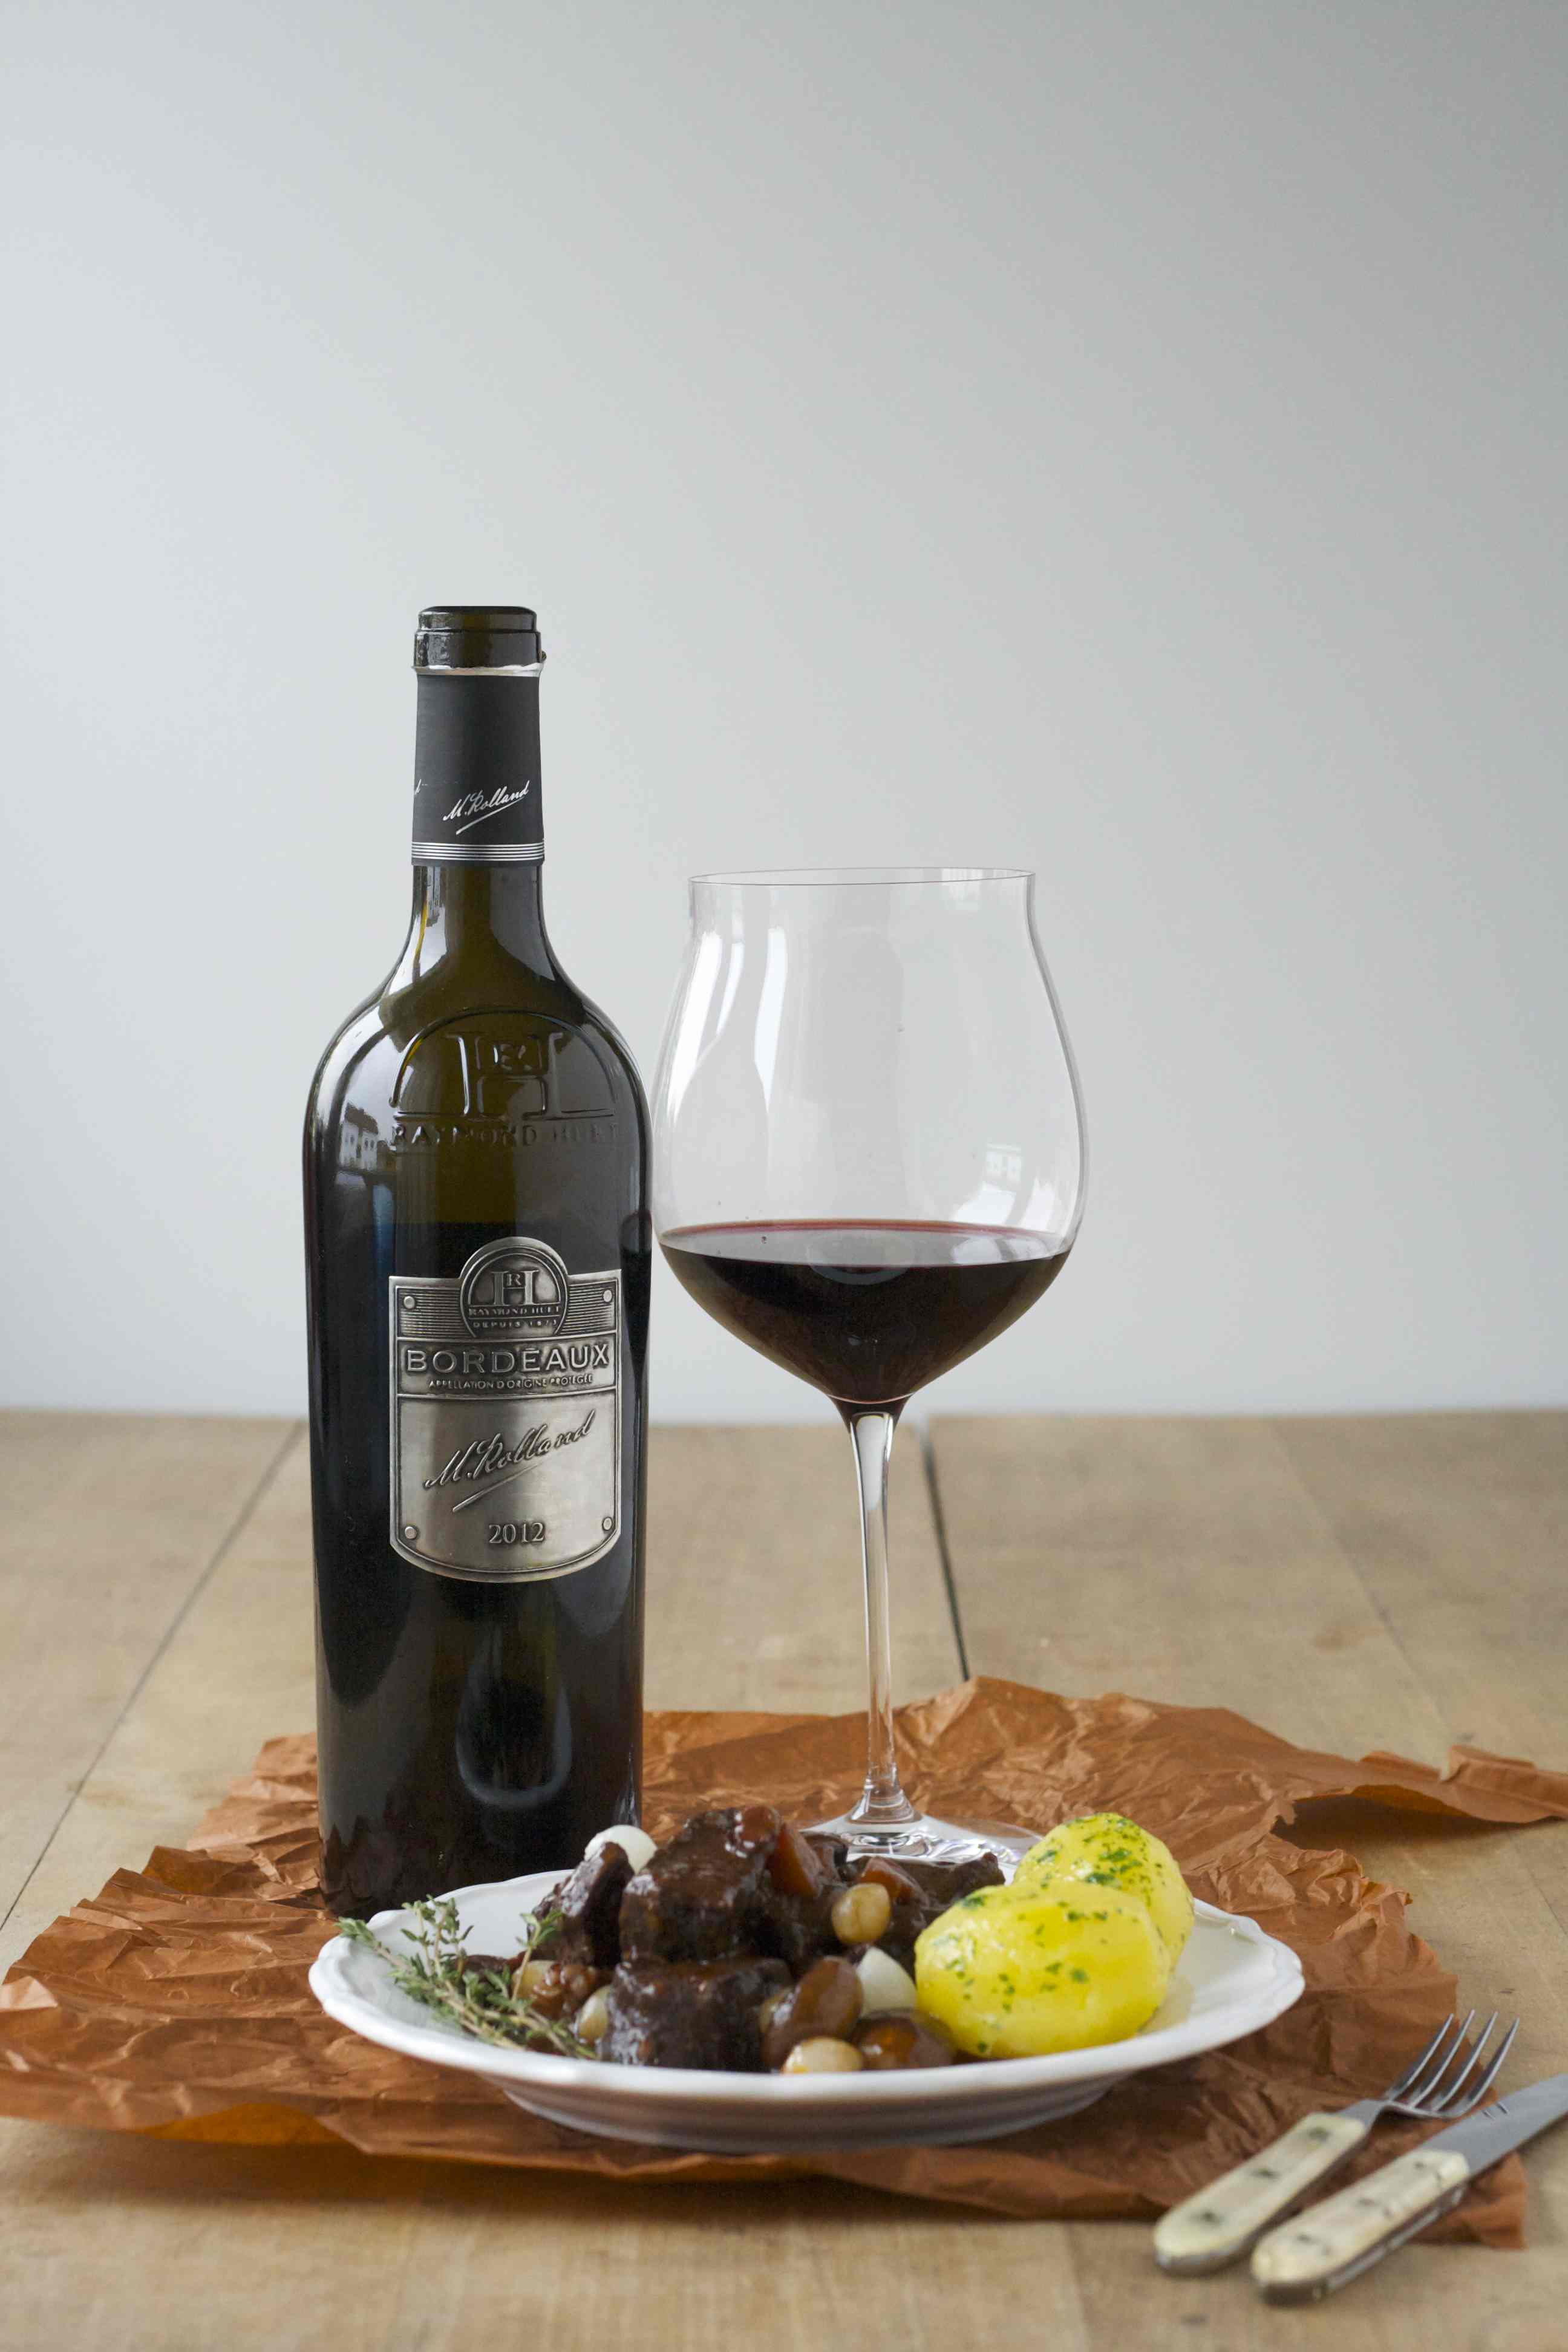 EDEKA Bordeaux trifft meine Wein(Seligkeiten) mit Boeuf Bourgignon